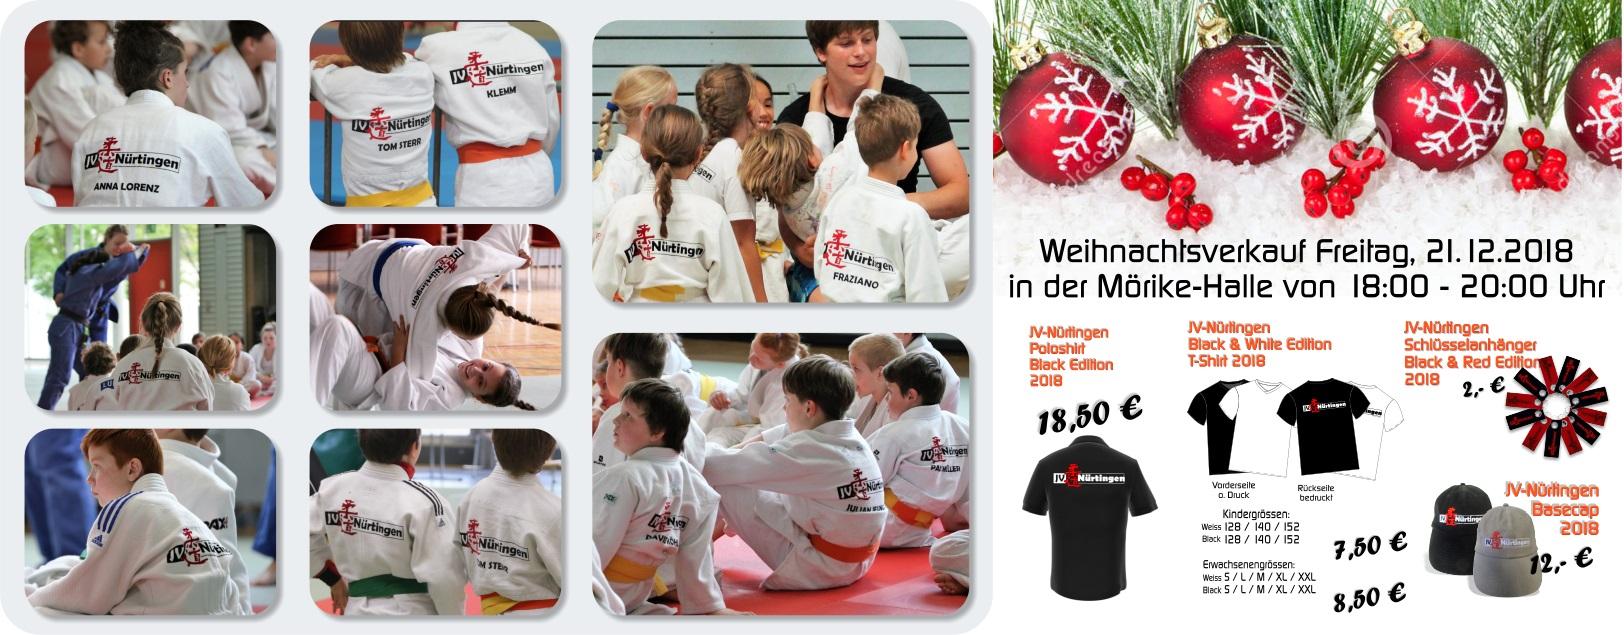 Judogi-Beflockung und Weihnachtsverkauf 2018   Judoverein Nürtingen ...